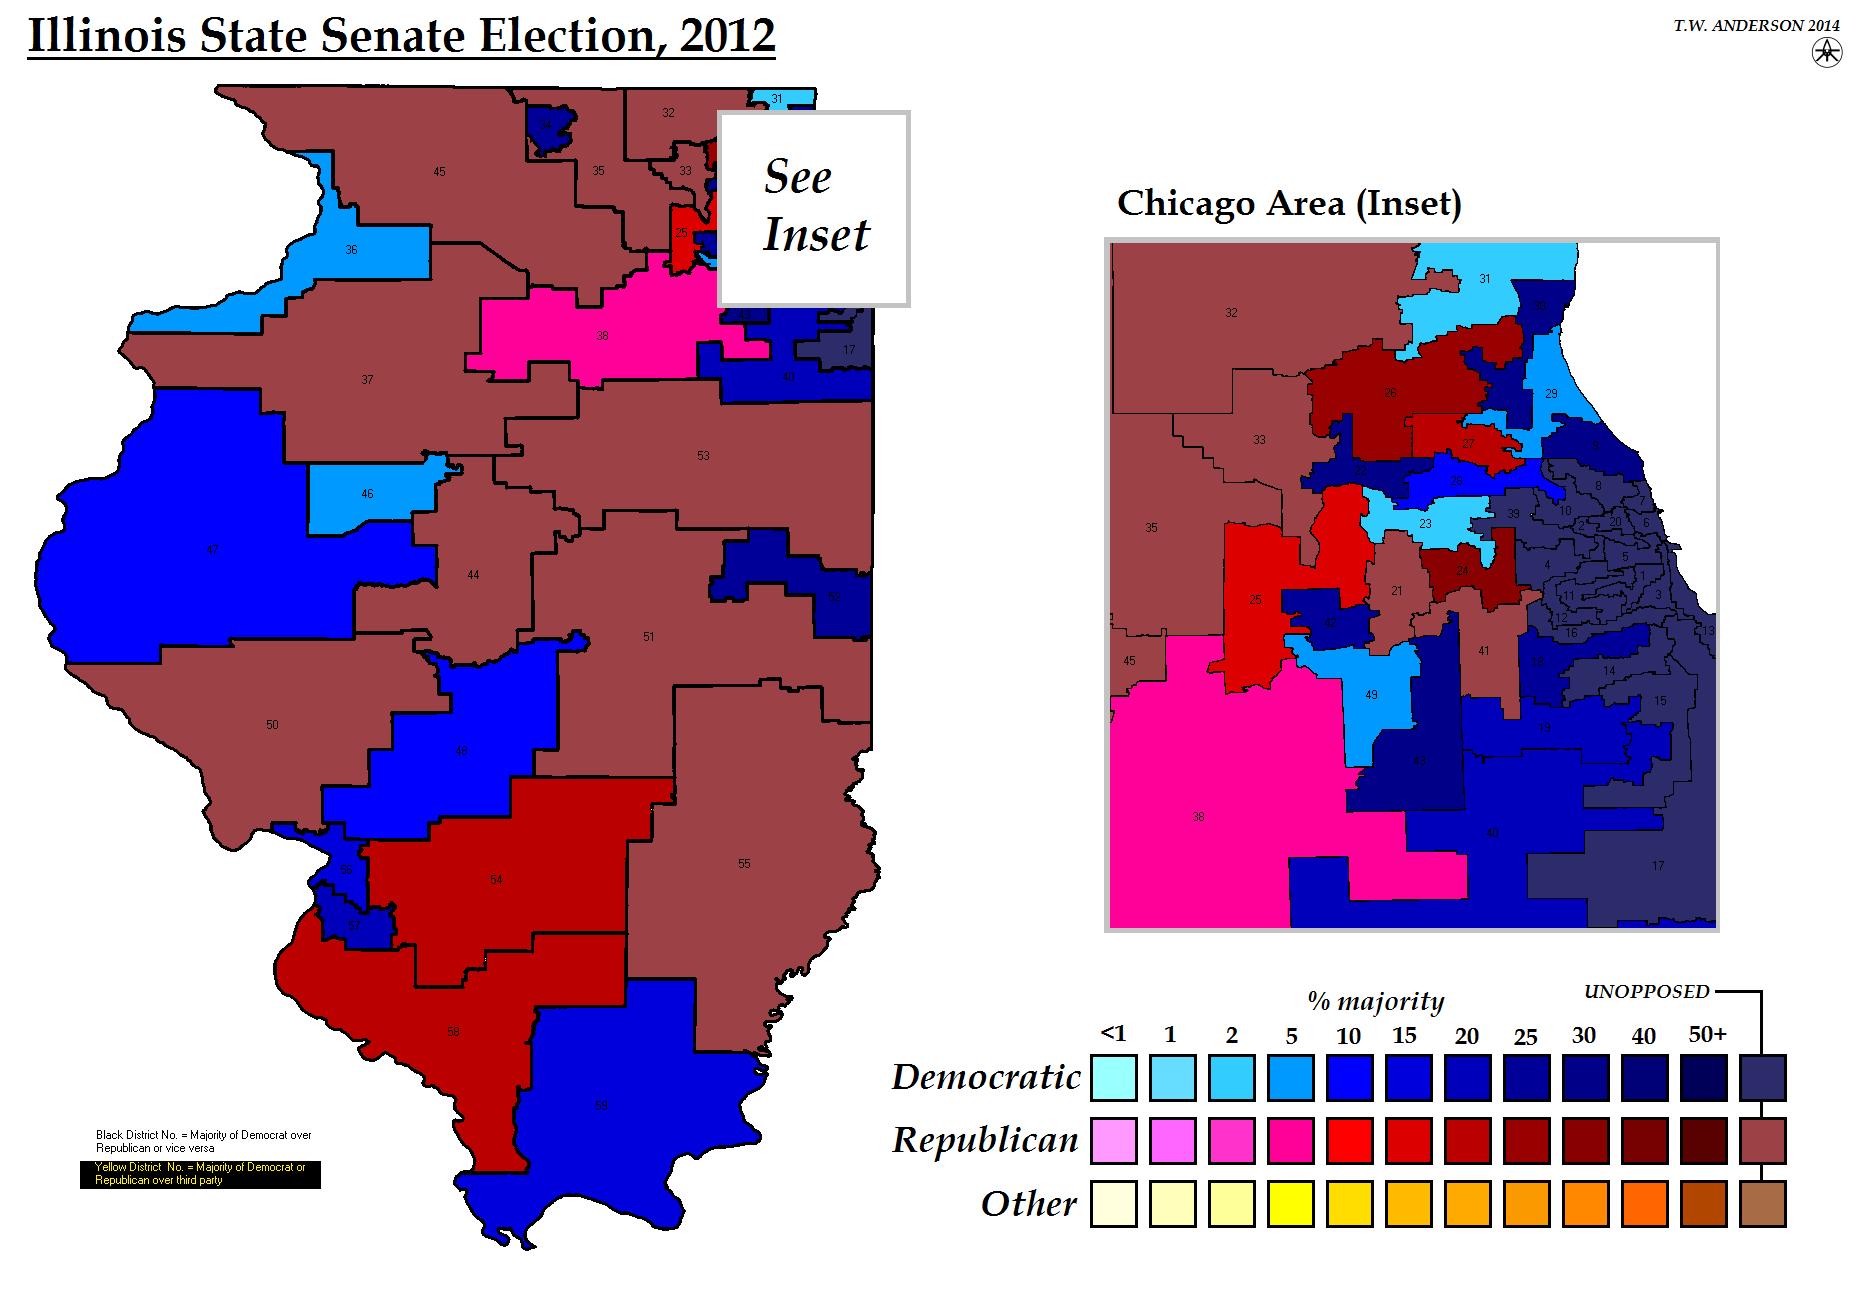 Illinois State Senate Election 2012